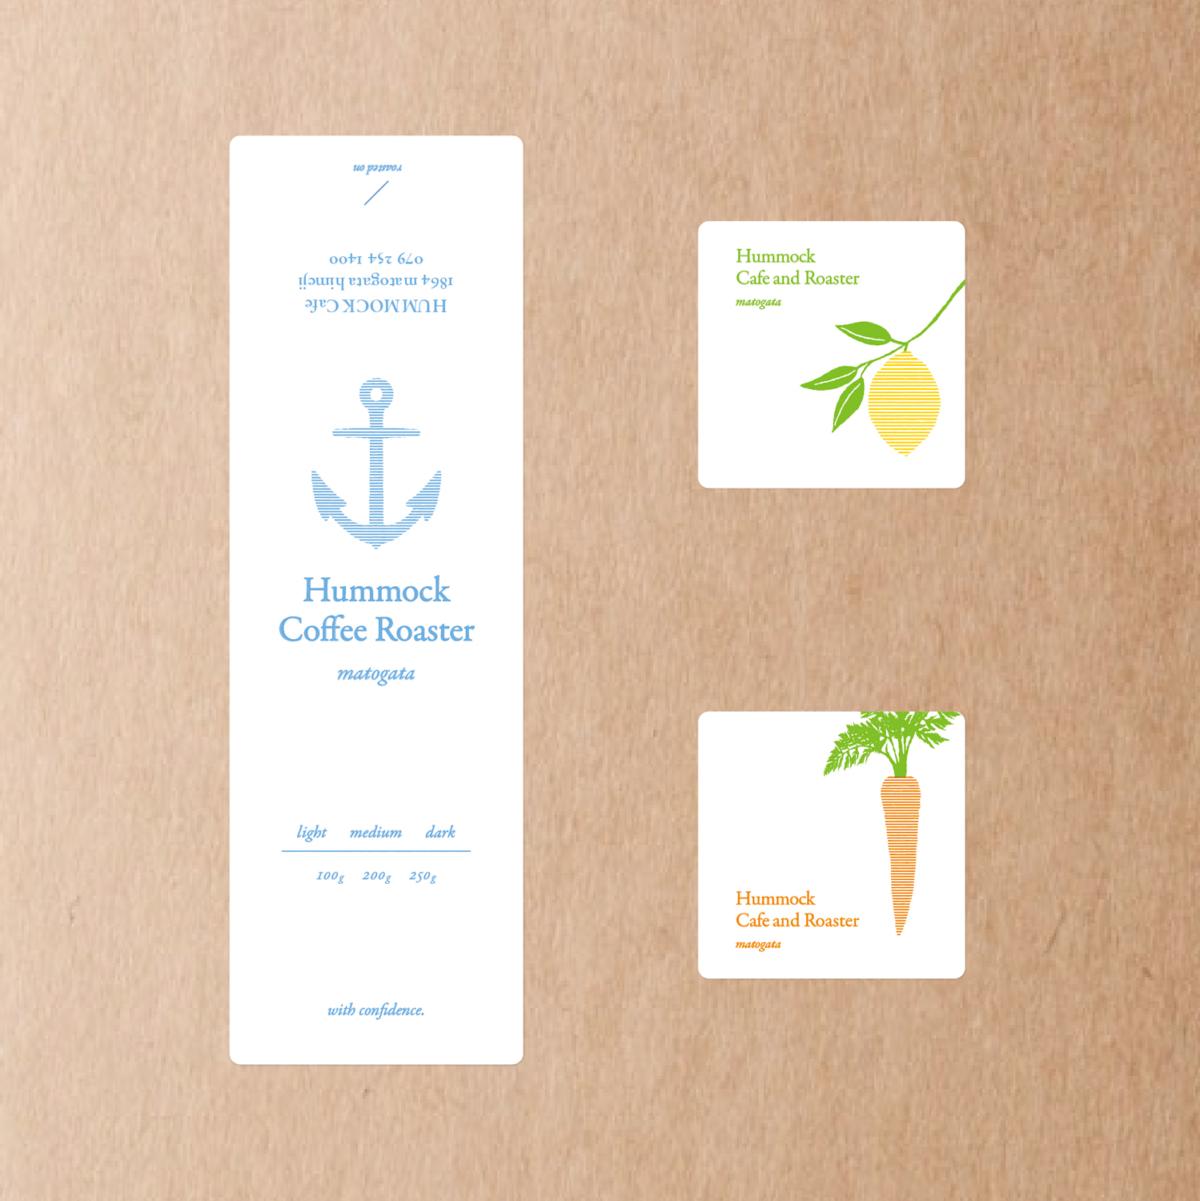 hummock cafe ハンモックカフェ ラベルシール 人参 レモン コーヒー豆